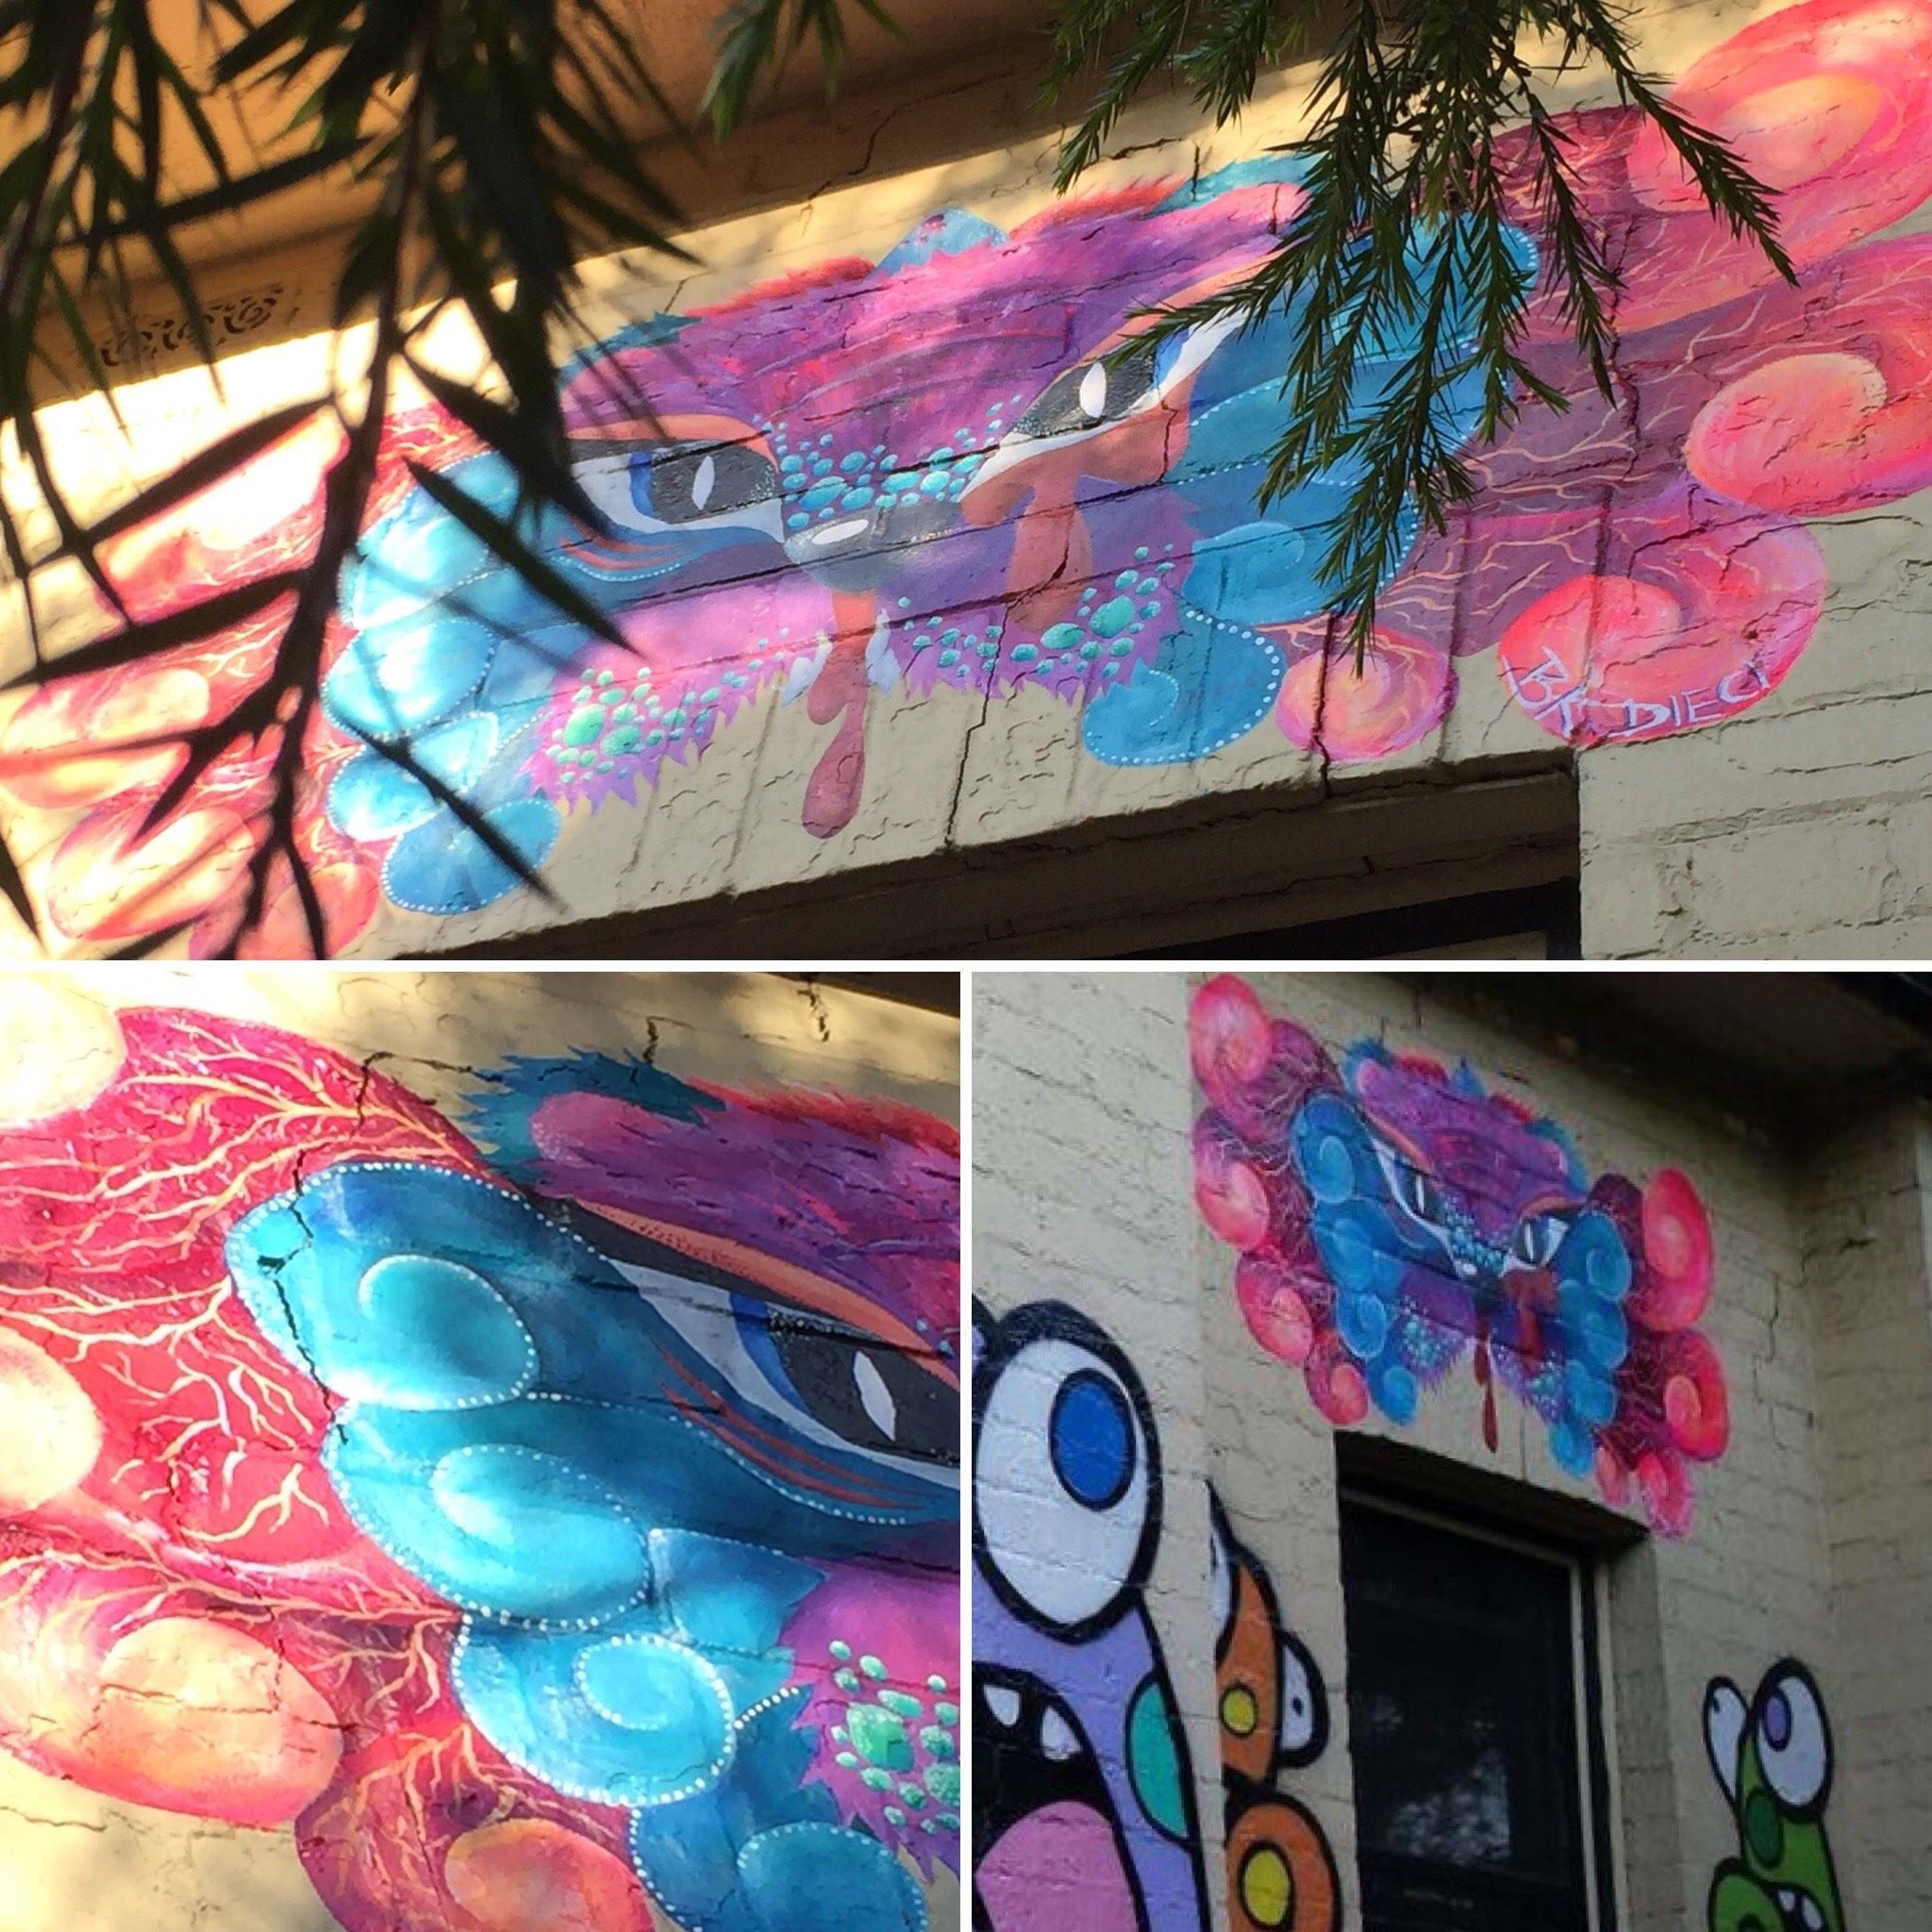 6 BKDIECI_NewtownMural_Painting_2016.jpg